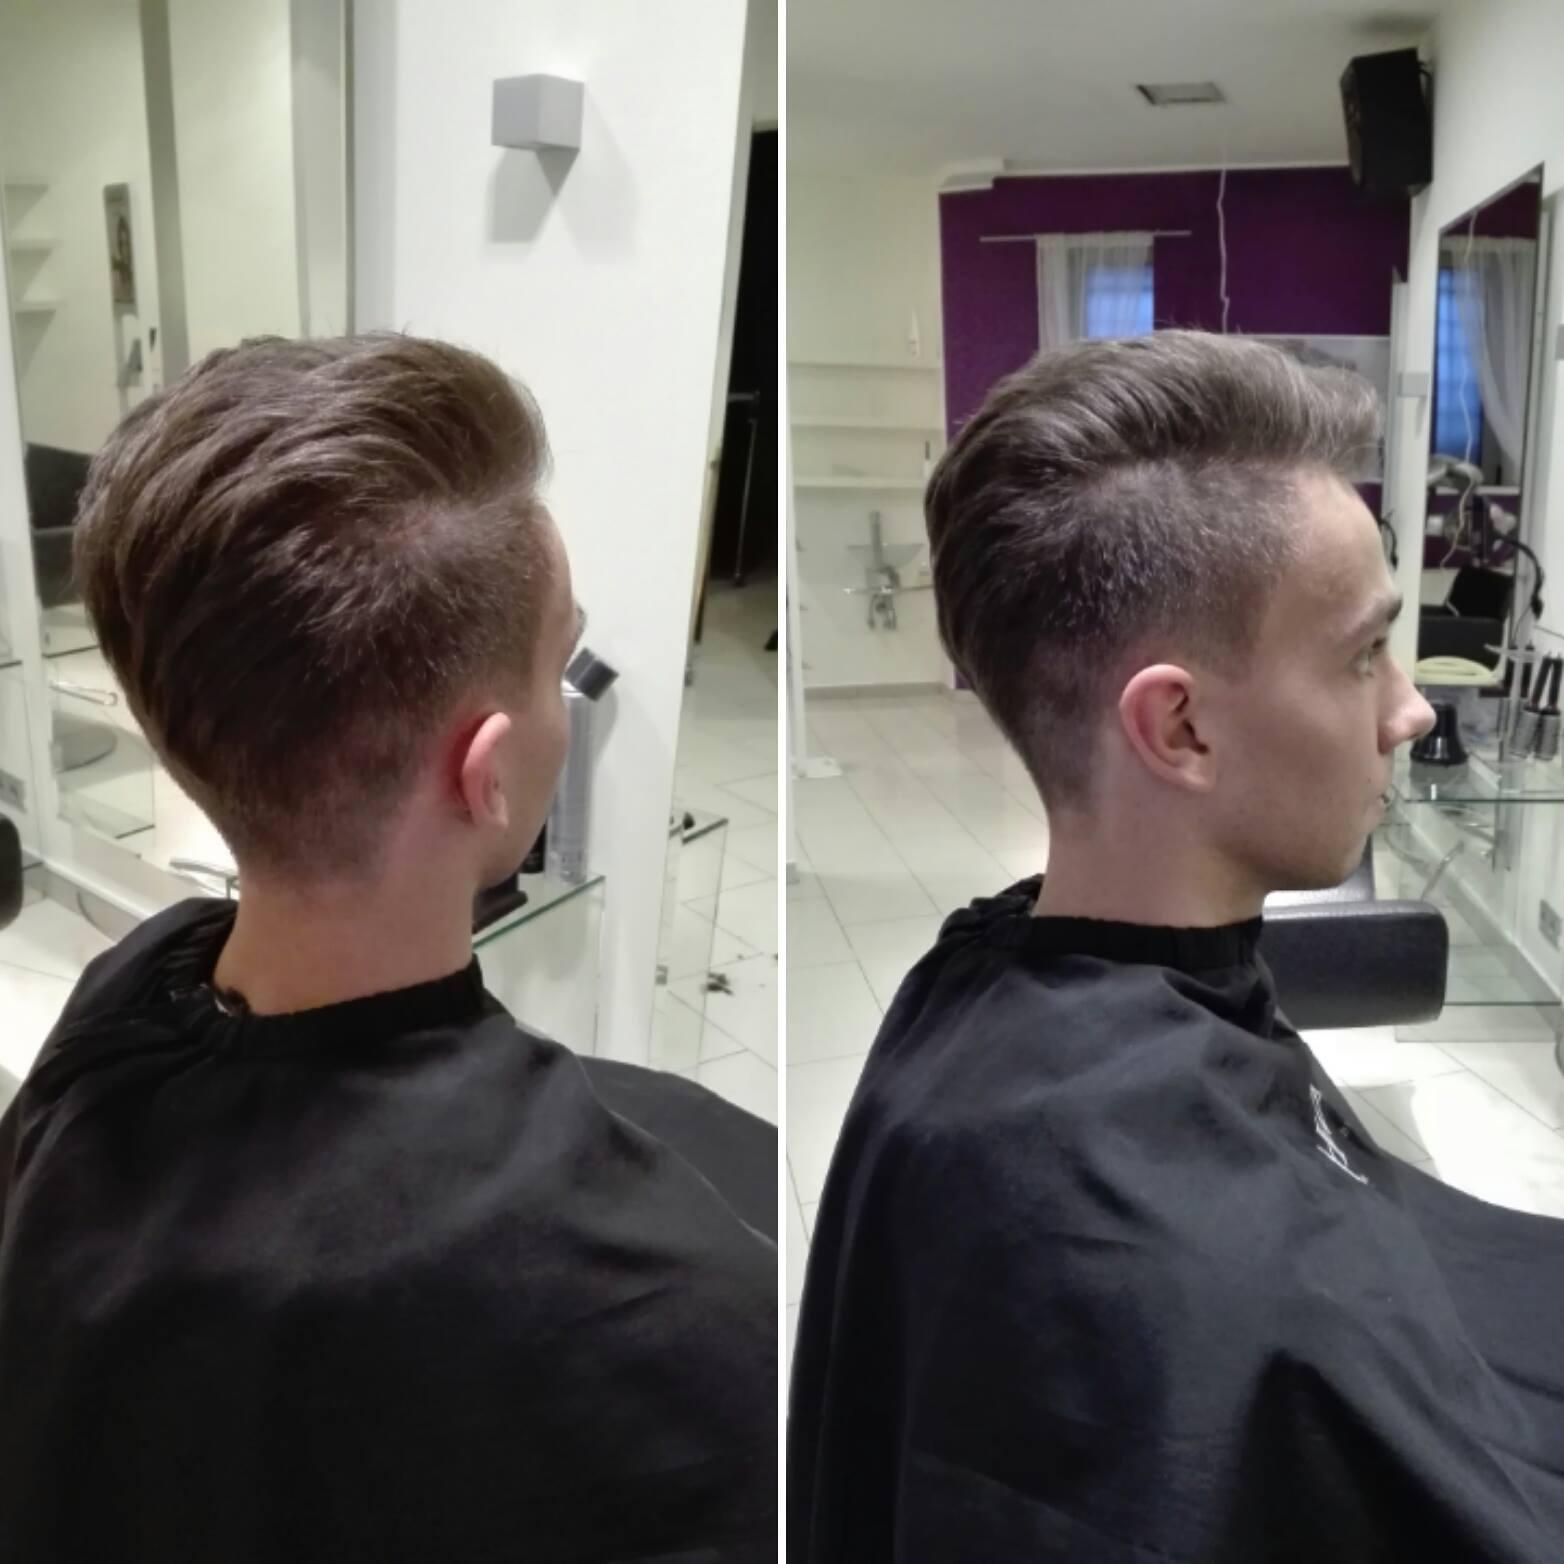 Fryzura Męska Z Przedziałkiem Salon Fryzjerski Biarritz